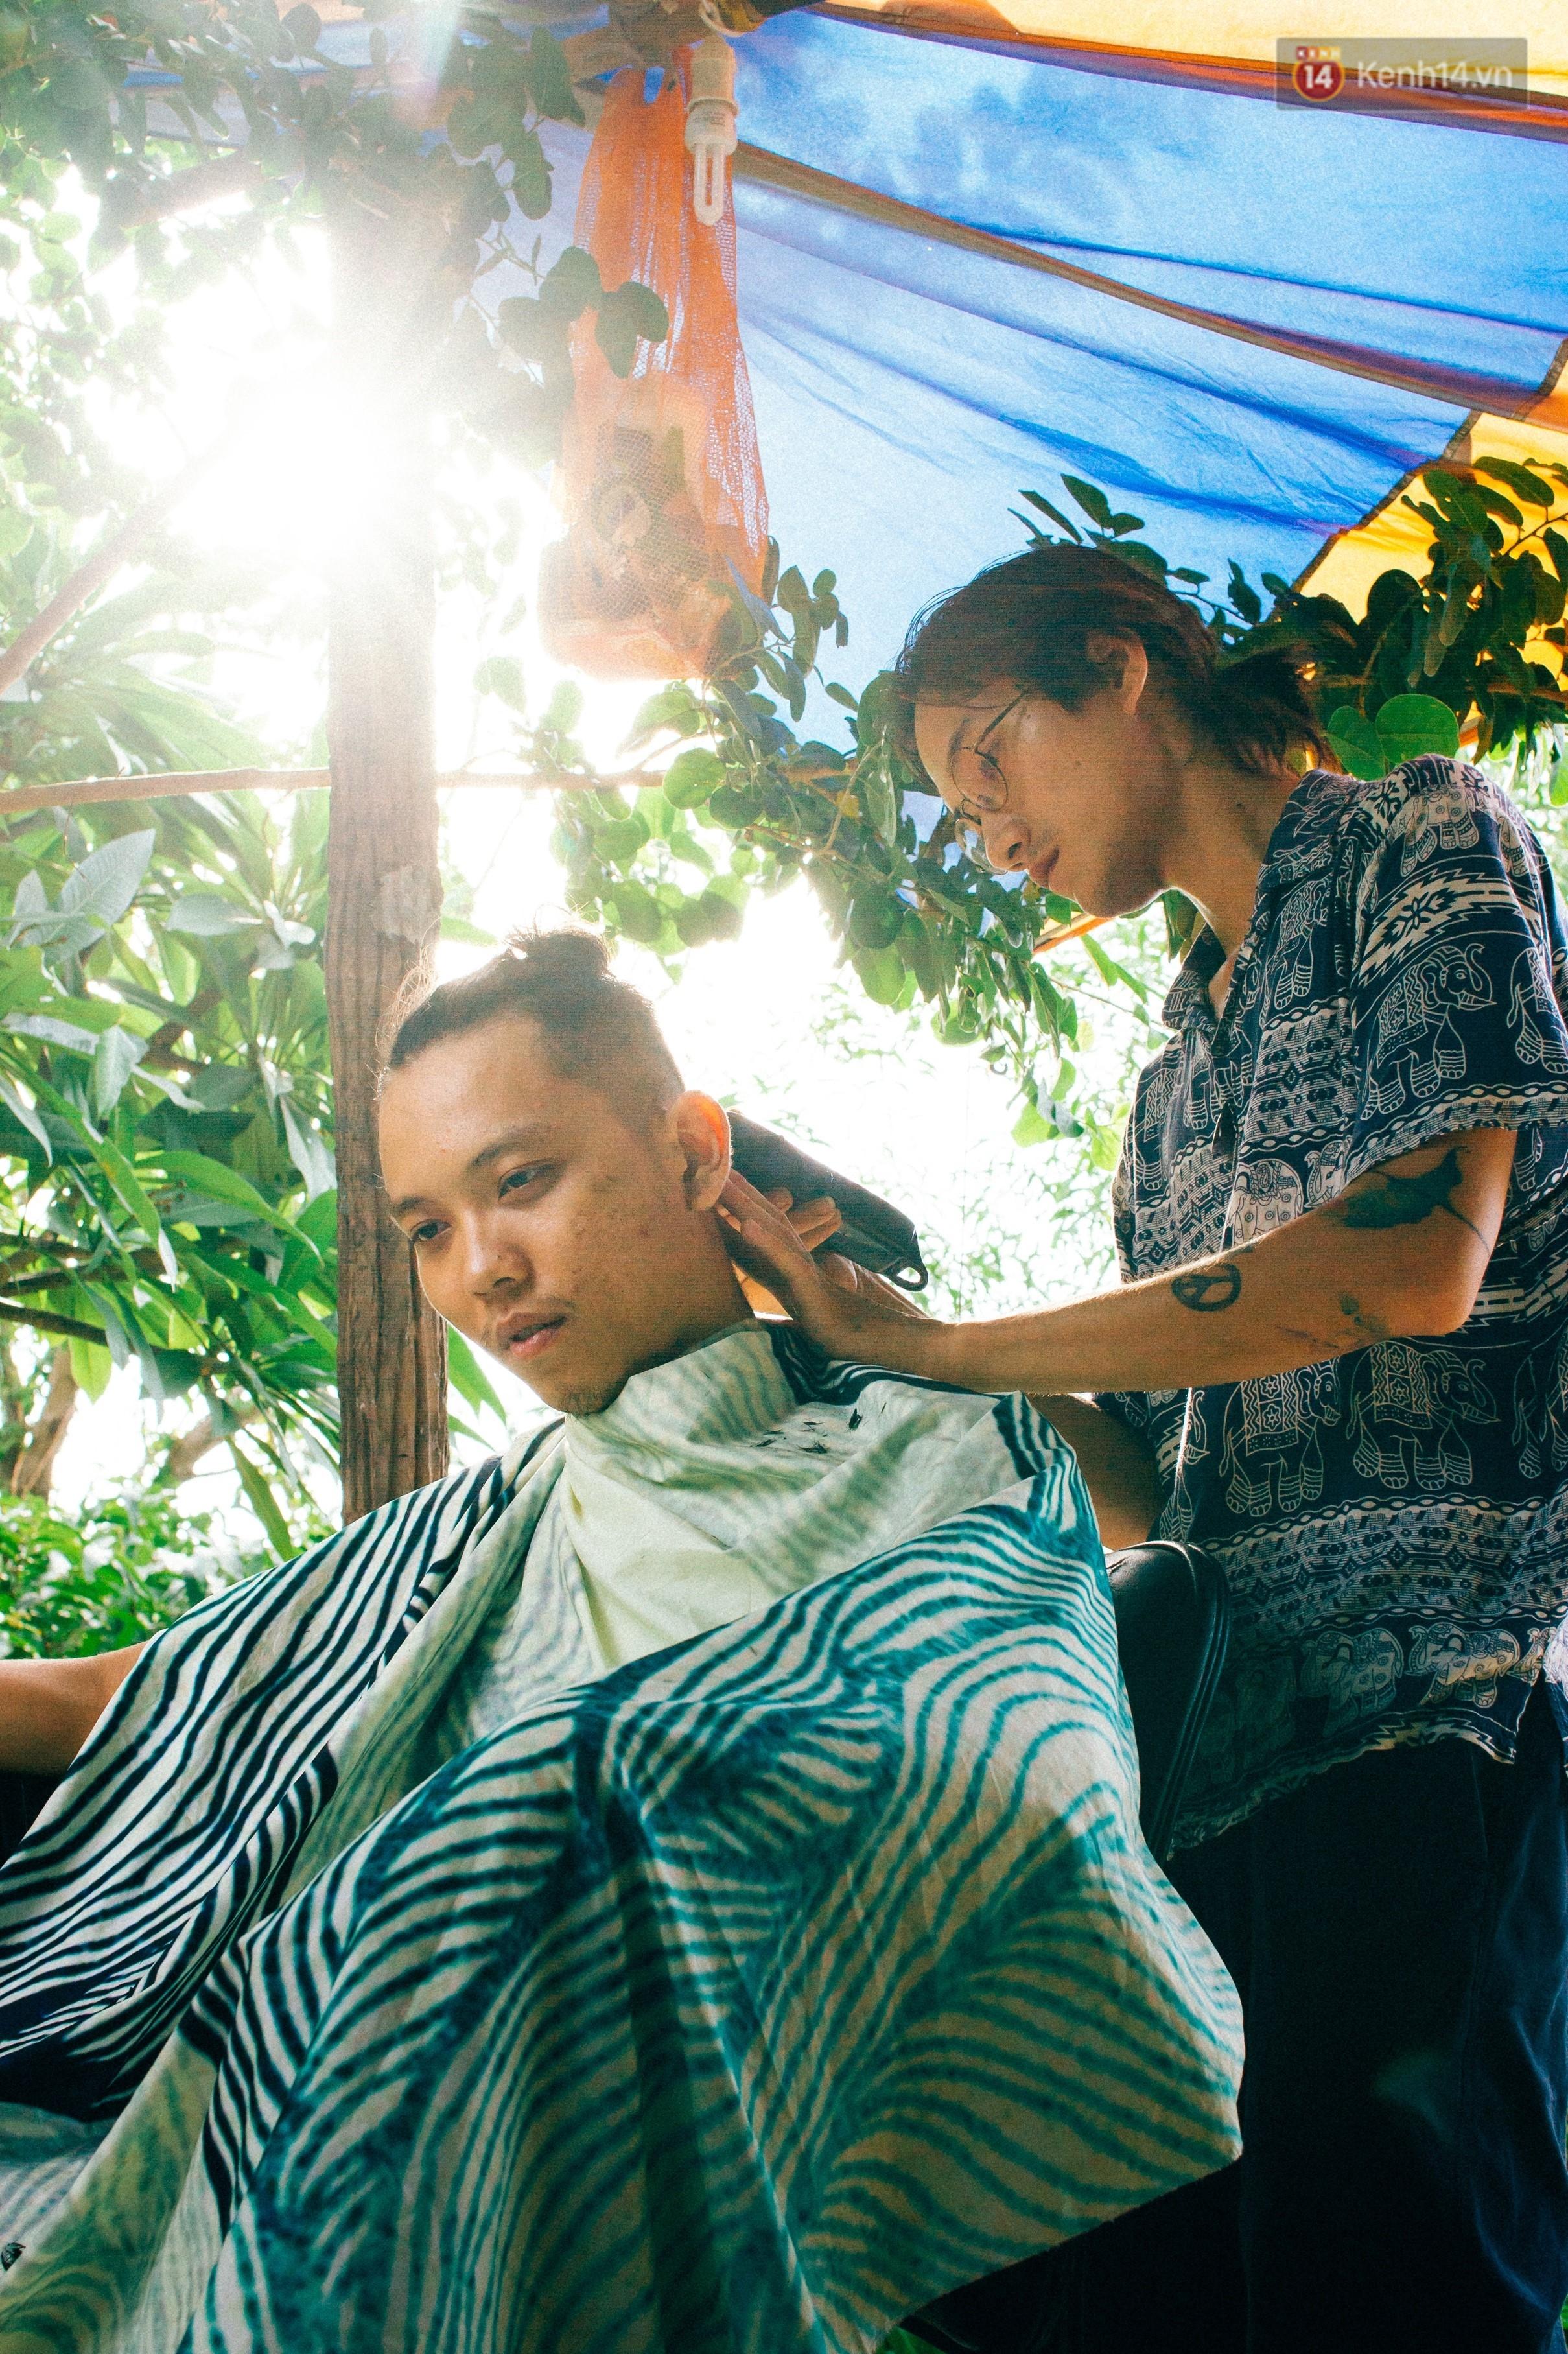 Chuyện về chàng trai Vũng Tàu bỏ phố lên rừng để mở tiệm tóc trong túp lều độc đáo bên triền dốc - Ảnh 1.